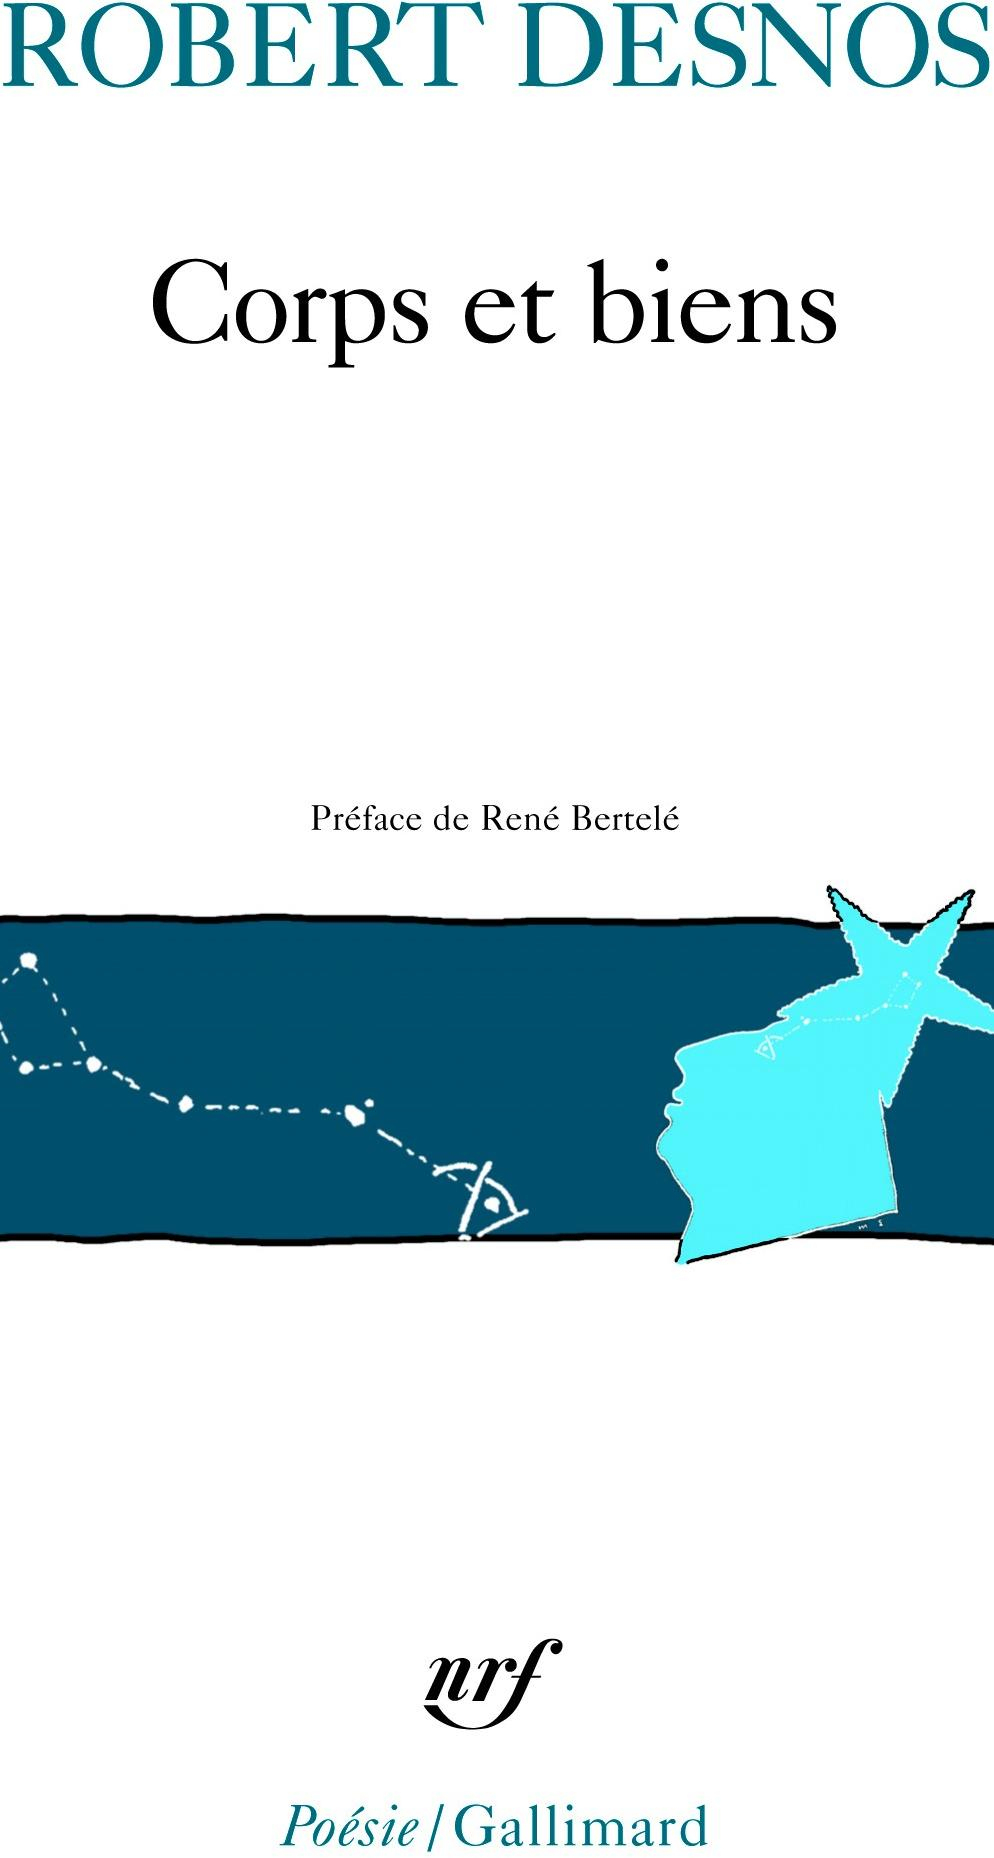 Corps Et Biens - Robert Desnos - Babelio intérieur Poème De Robert Desnos